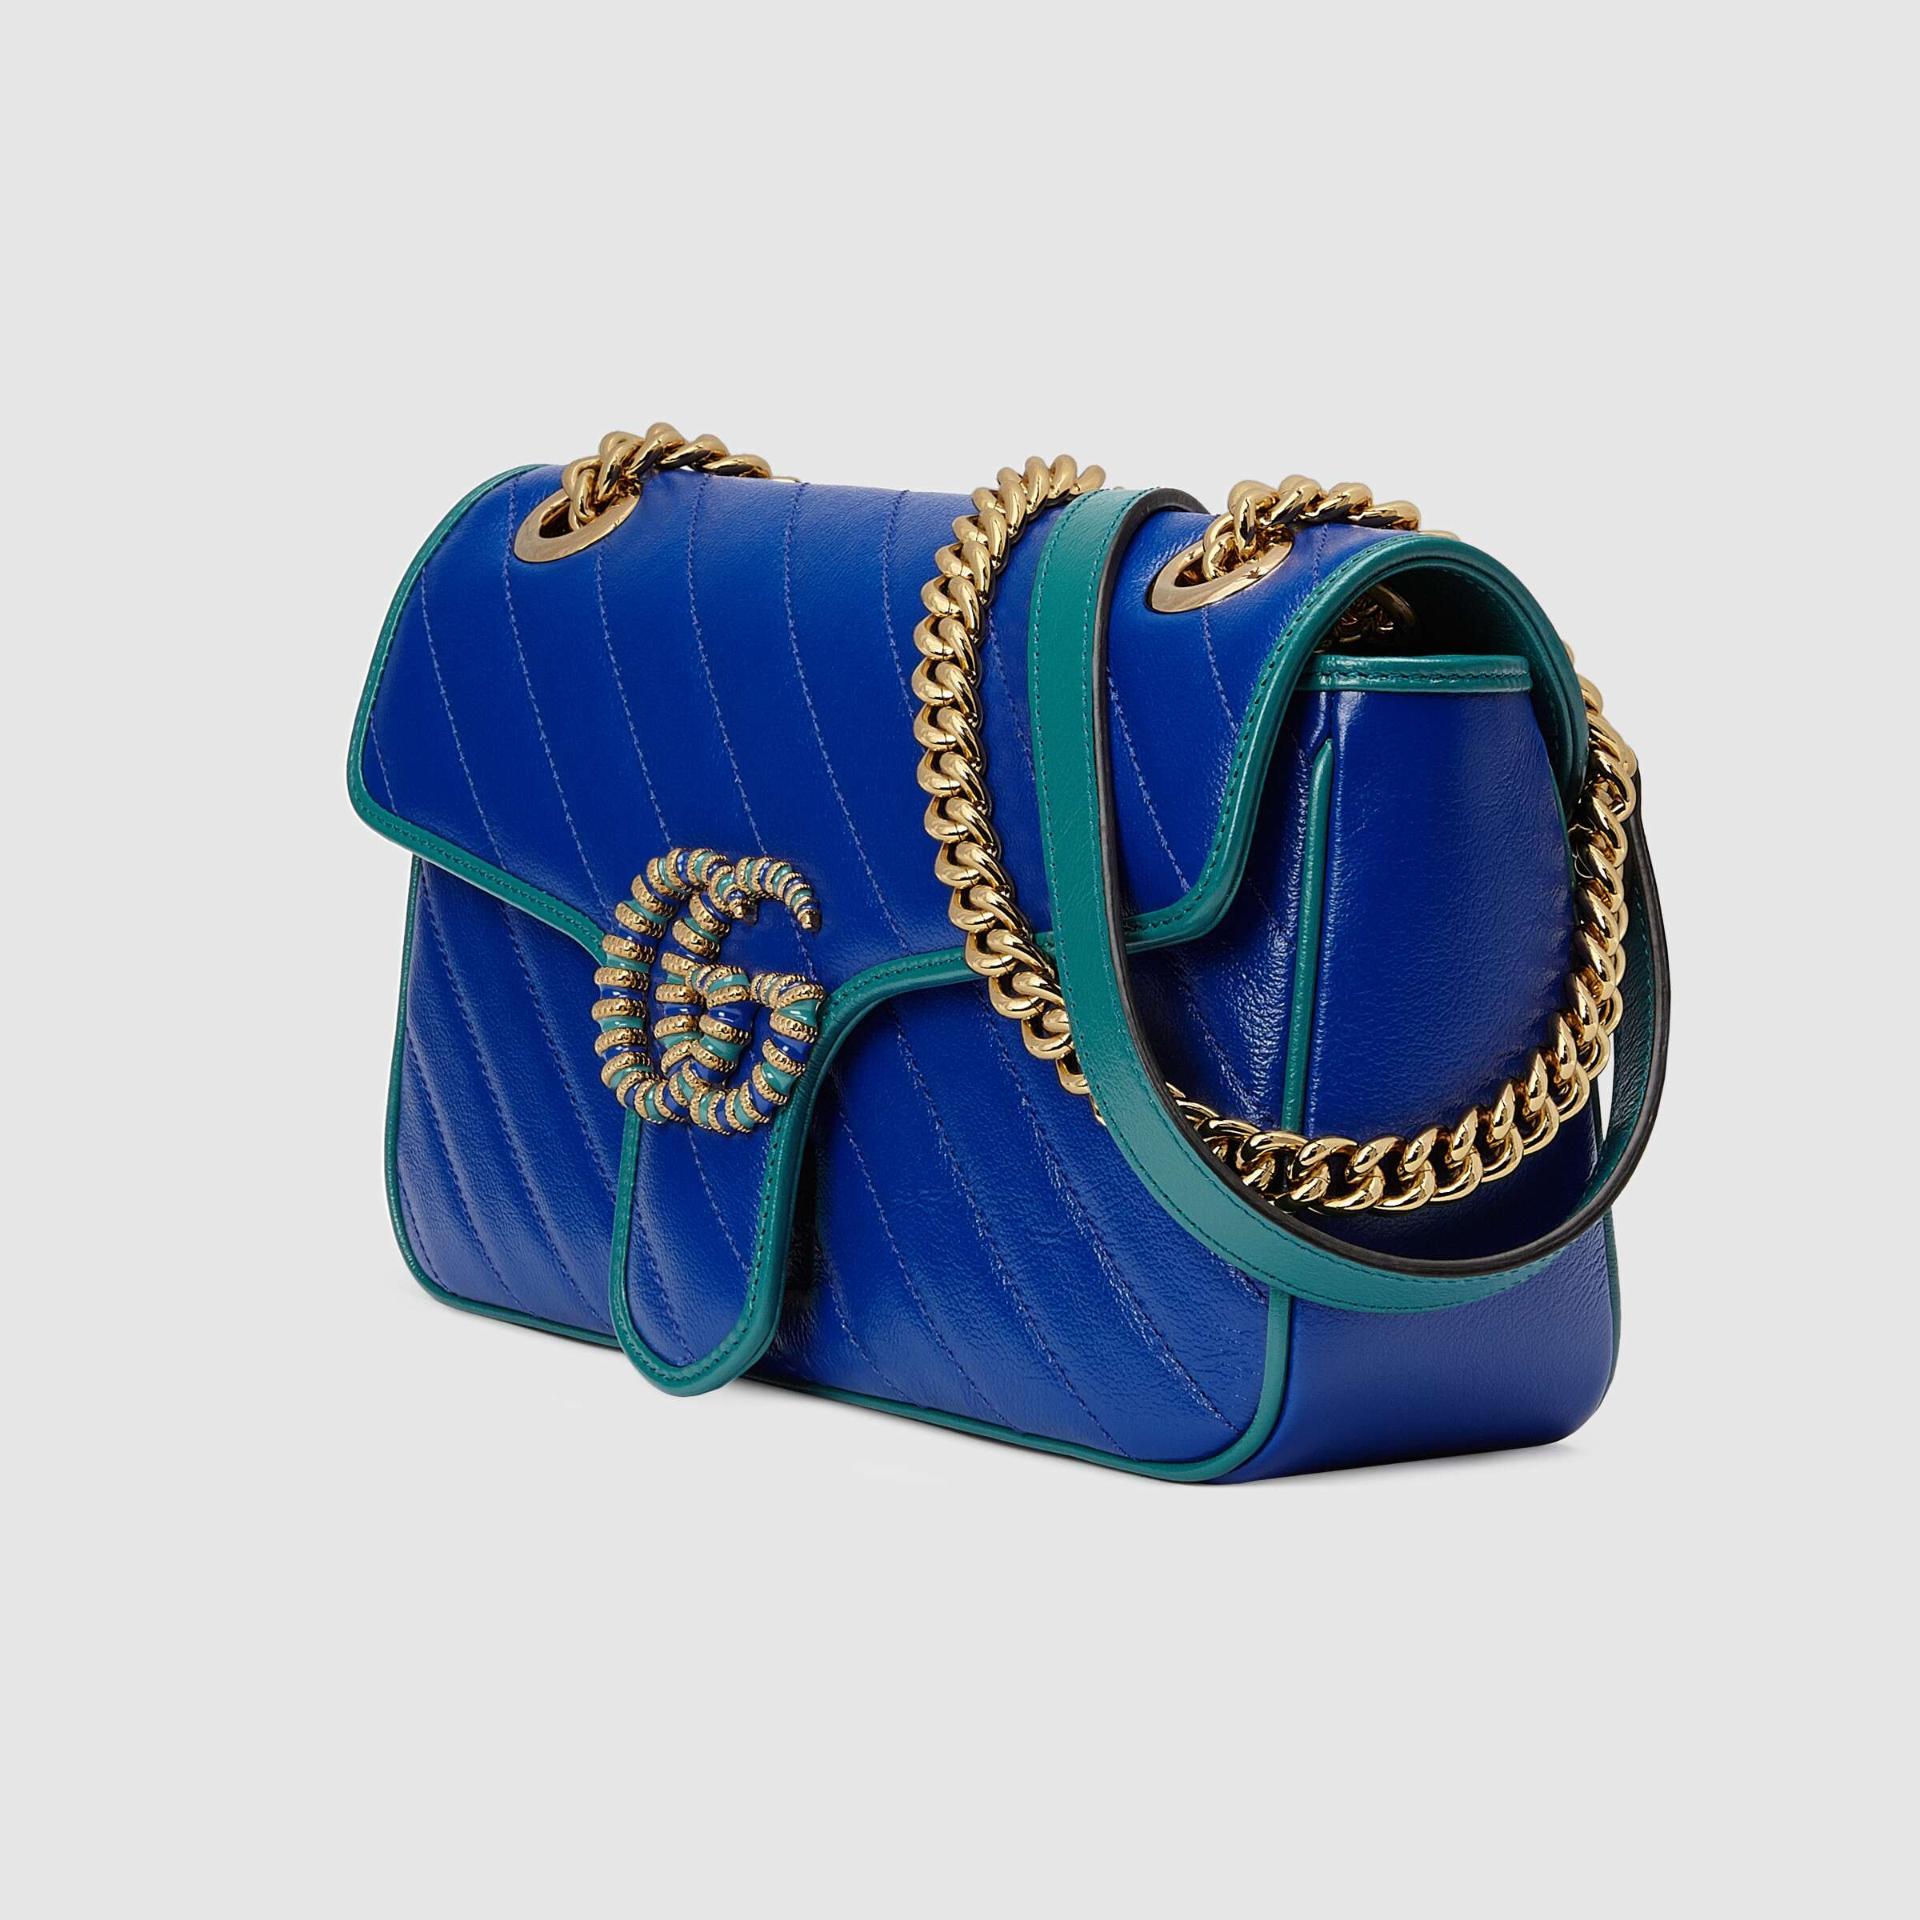 유럽직배송 구찌 GUCCI Gucci GG Marmont small shoulder bag 4434971X5EG8382